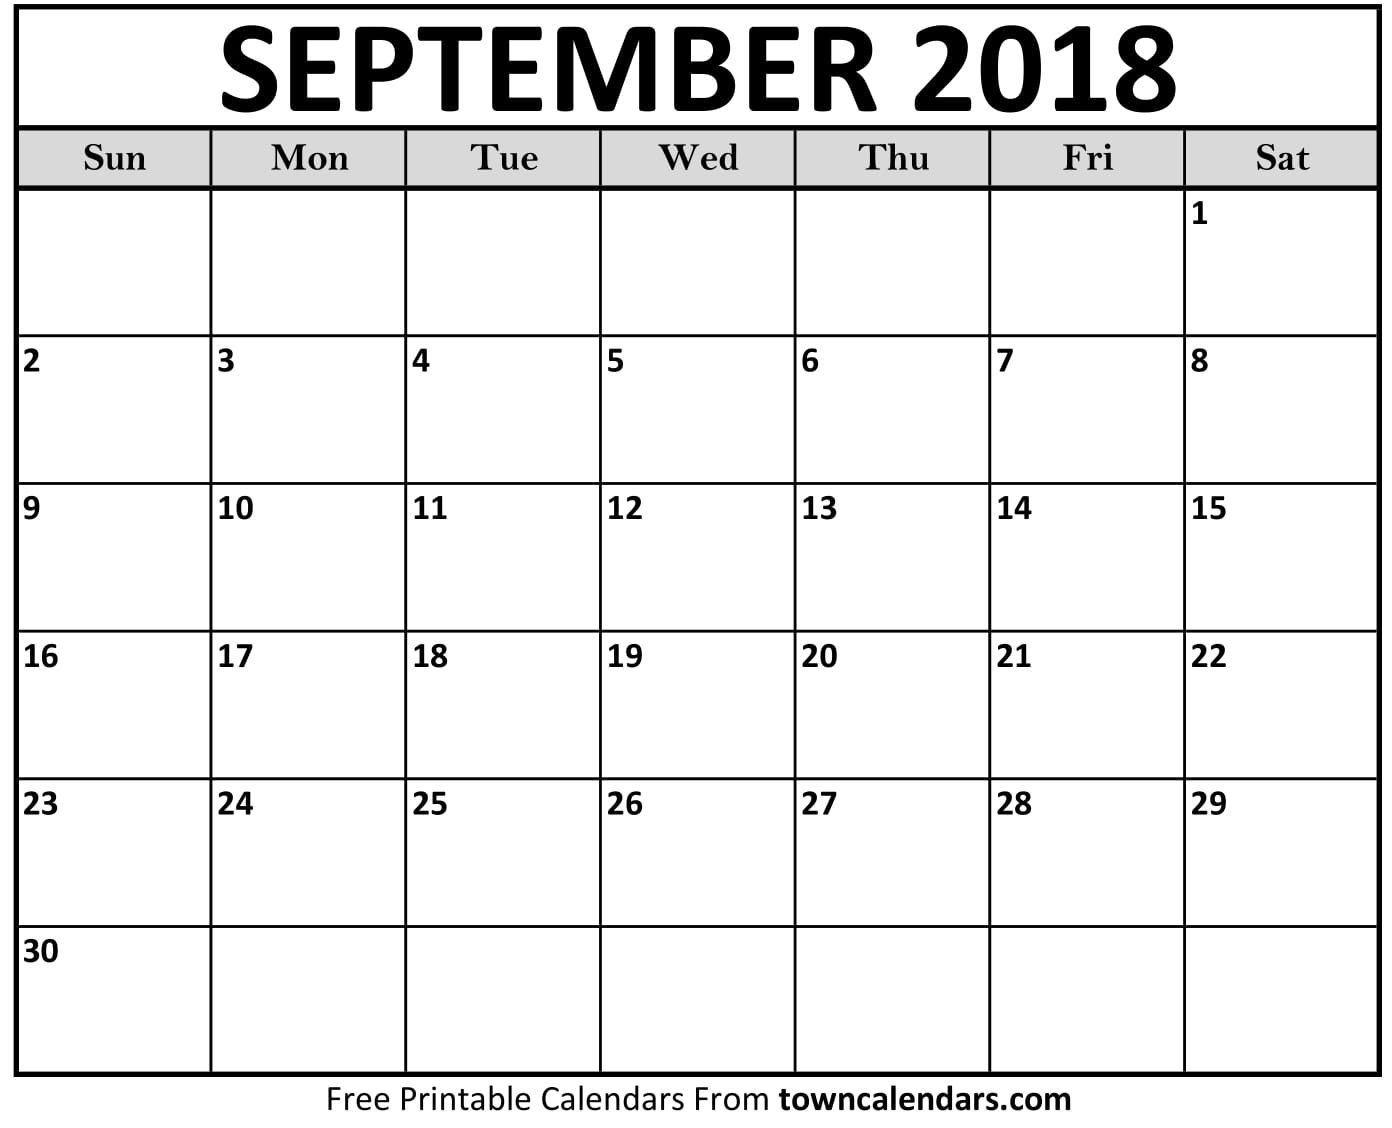 printable september 2018 calendar september 2018 calendar printable september 2018 calendar template